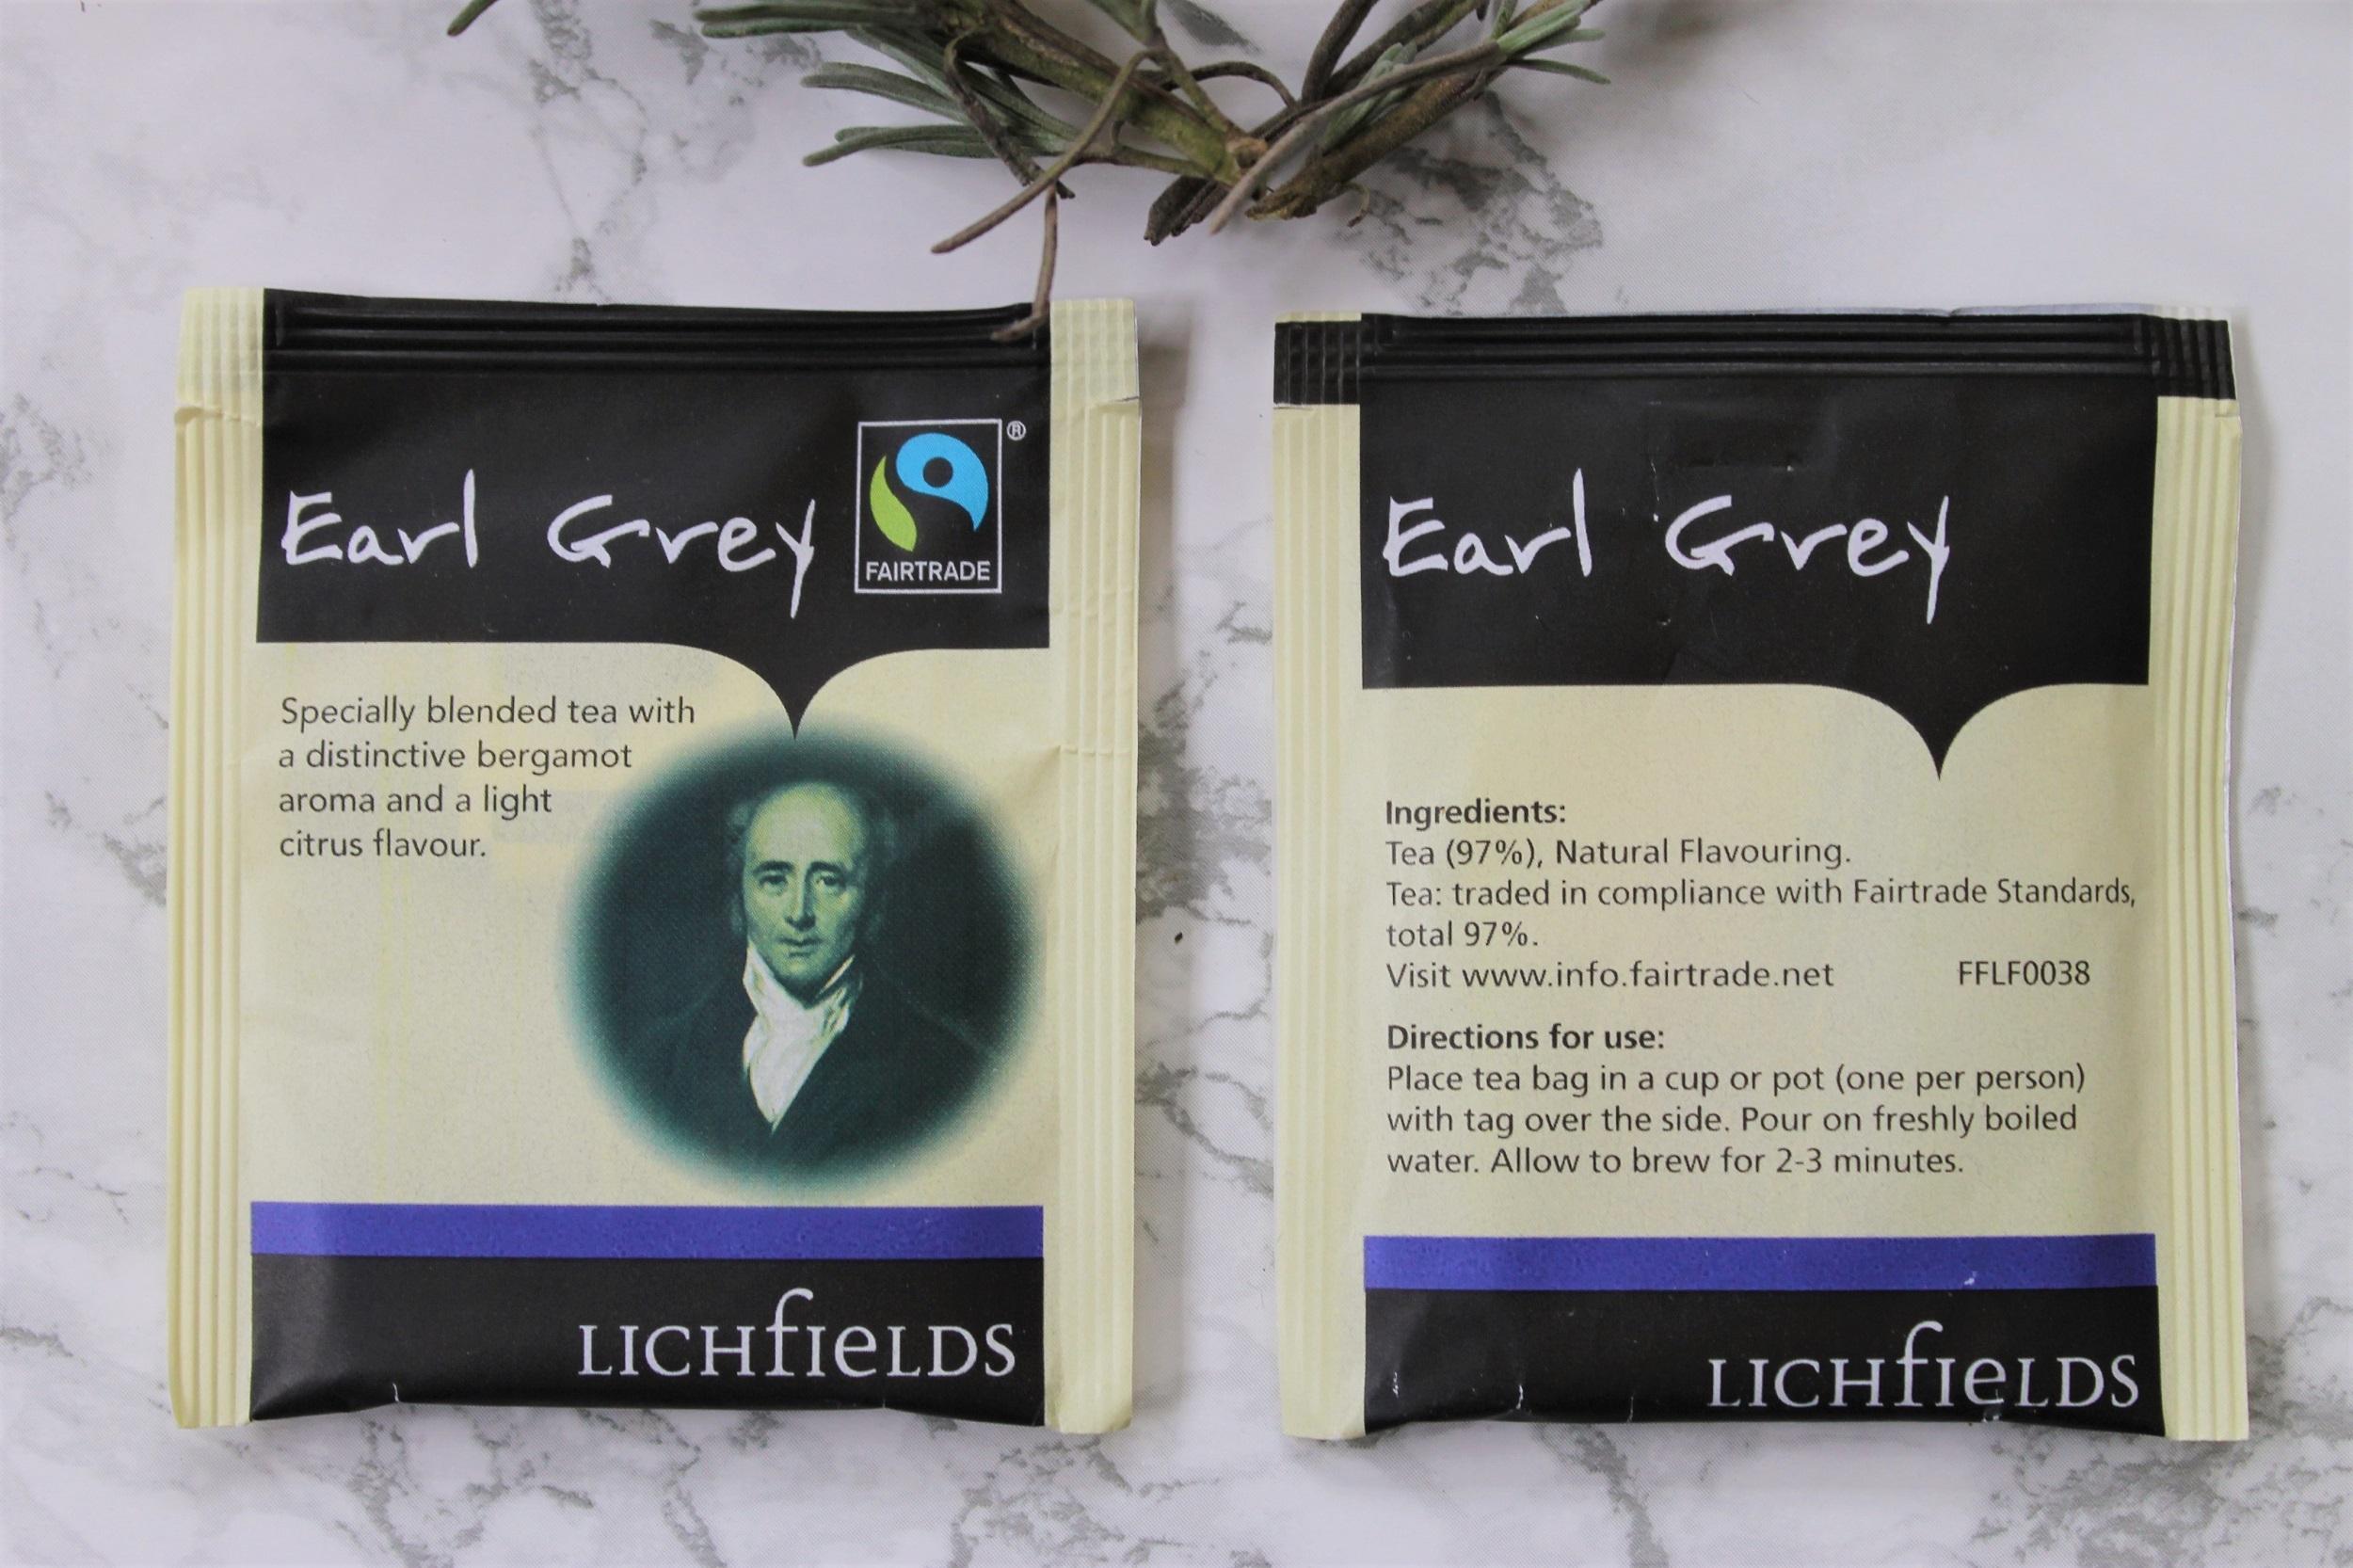 fairtrade earl grey teabags